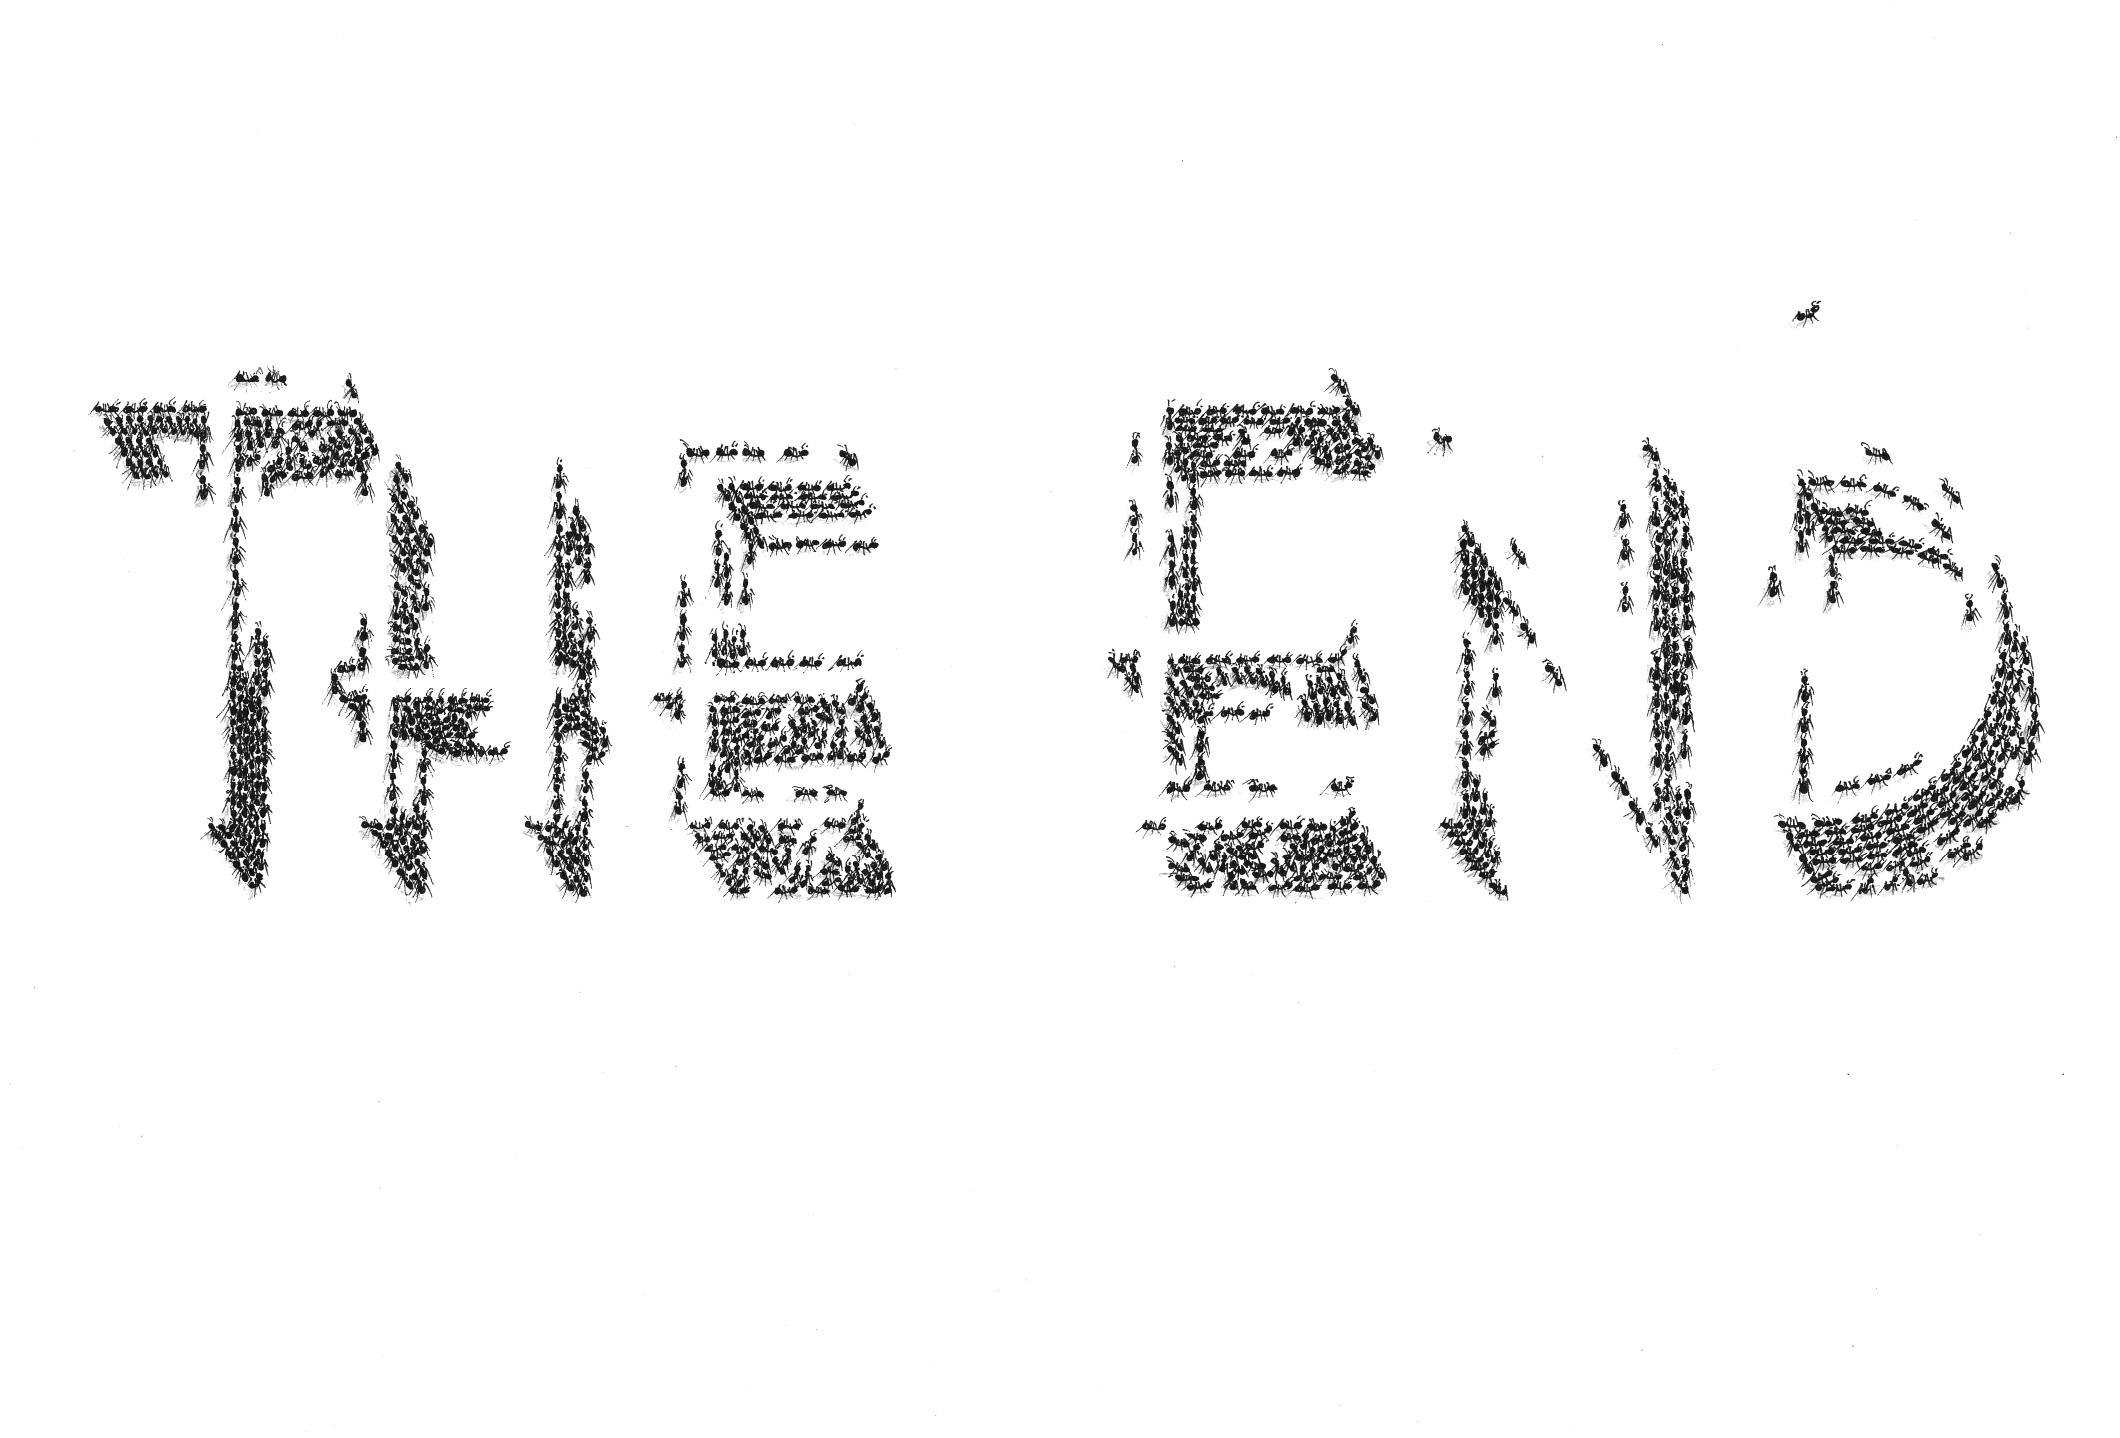 fourmi_the_end_03.jpg